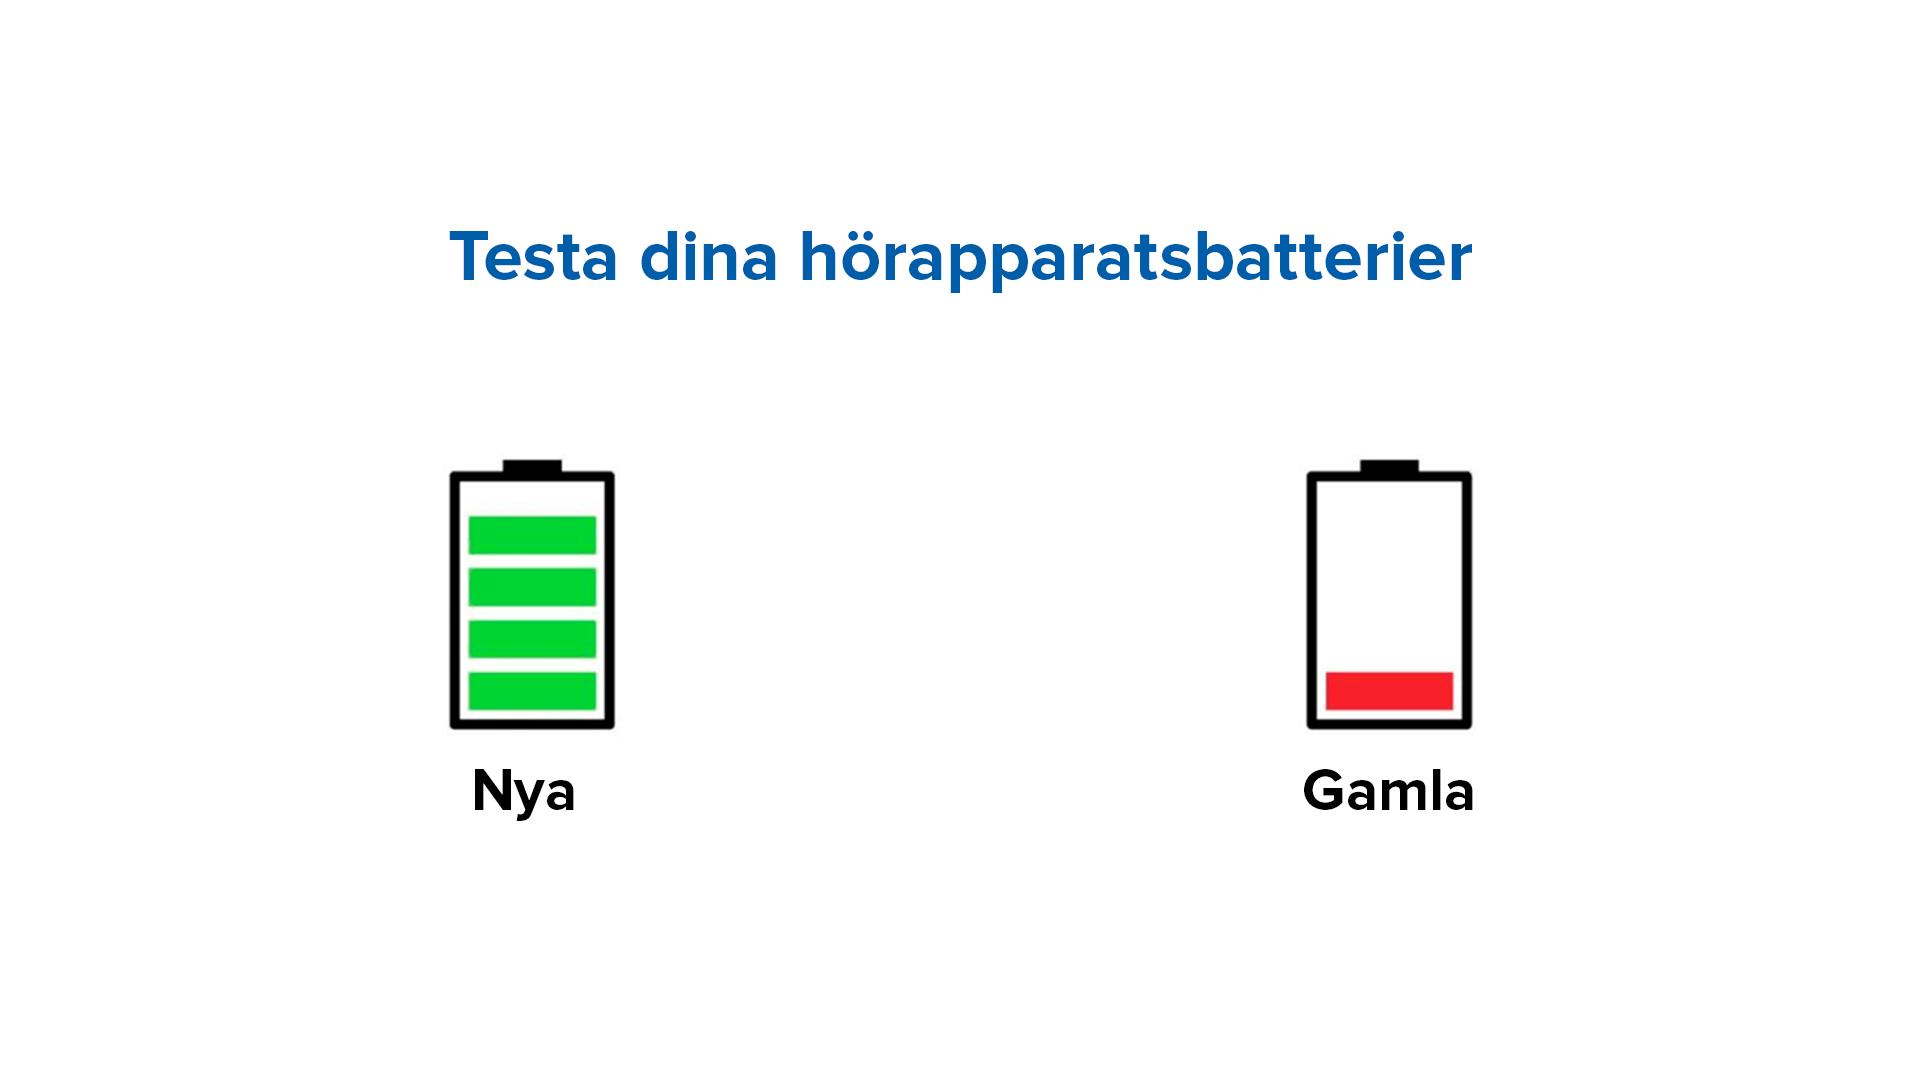 testa-batterier-horapparat